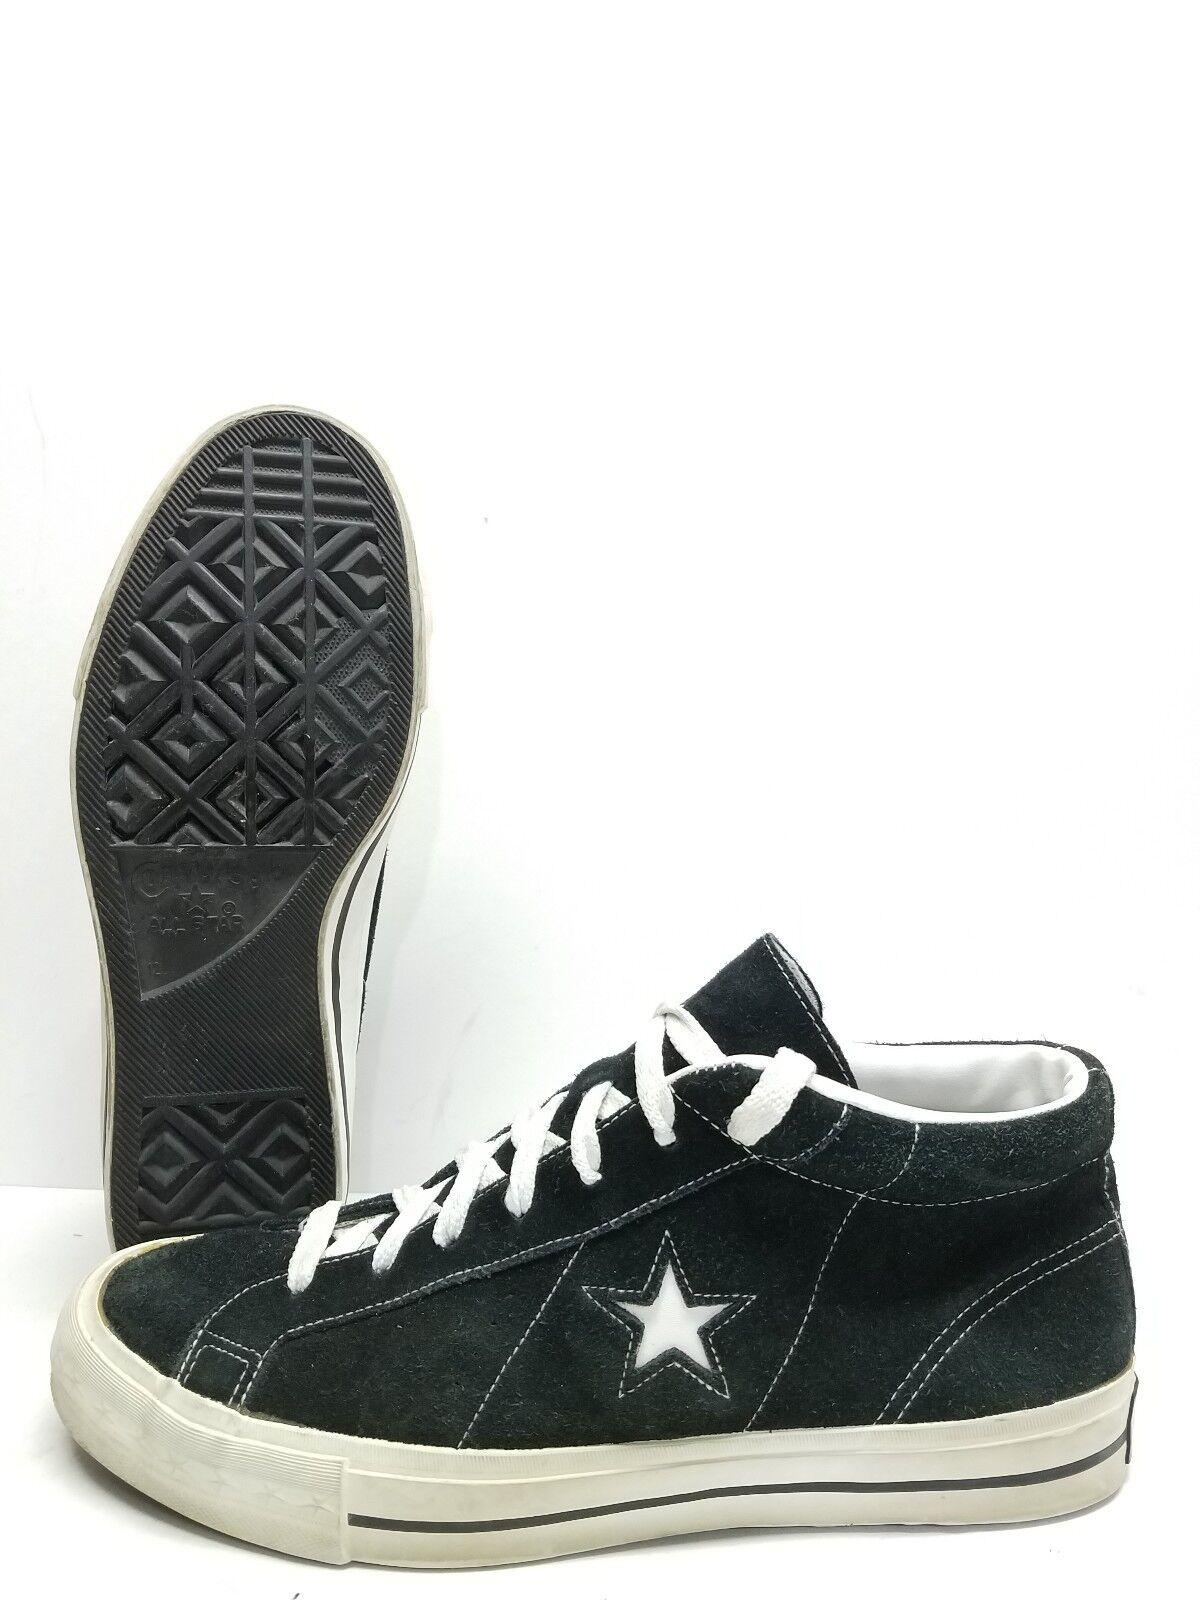 RARE VTG Converse One Star High Top Skate scarpe Uomo Uomo Uomo Suede scarpe da ginnastica nero bianca 4d1203